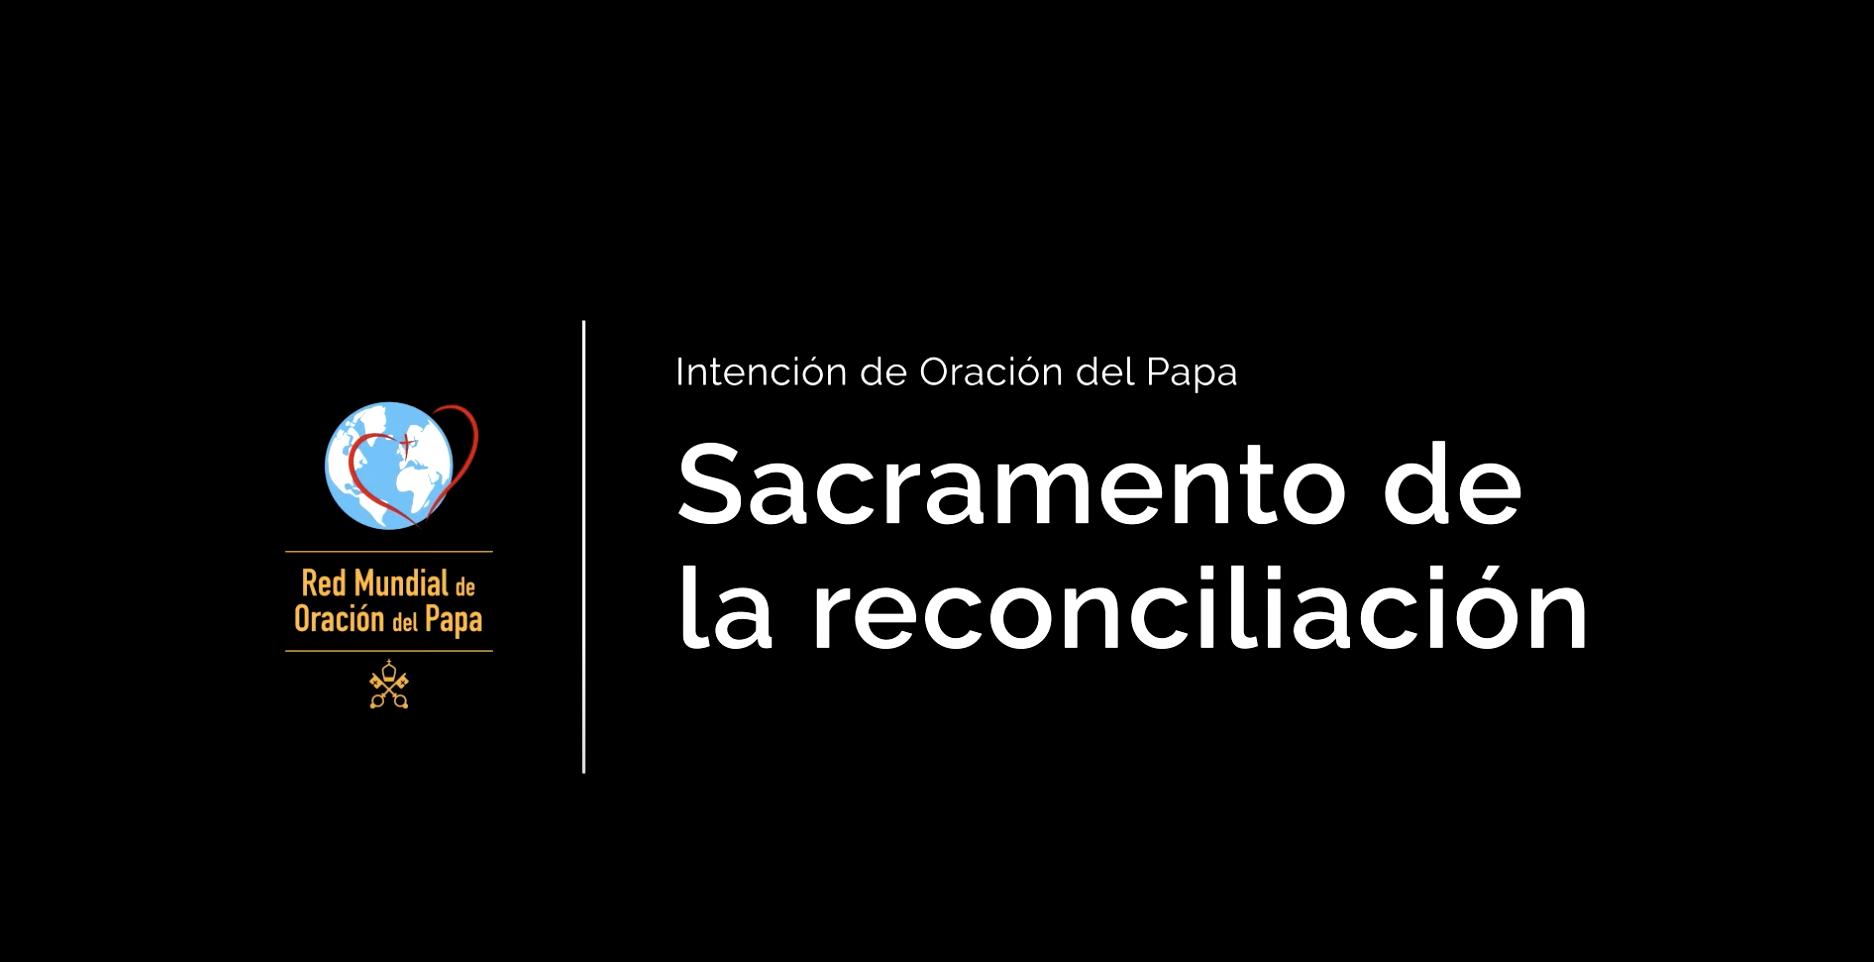 MARZO: O sacramento da reconciliación